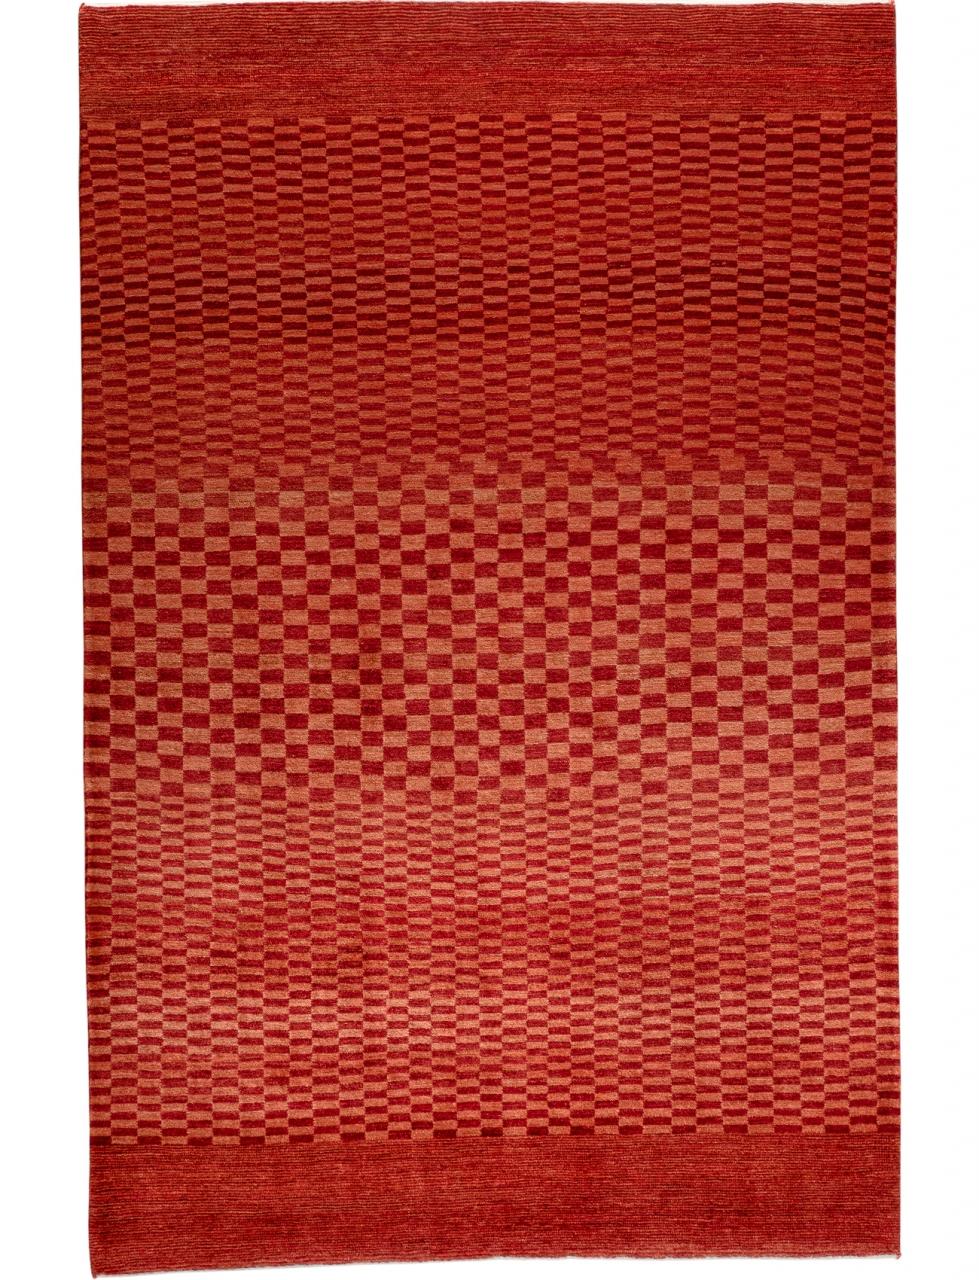 Iran Gabbeh Teppich-Unikat Rote Dünen